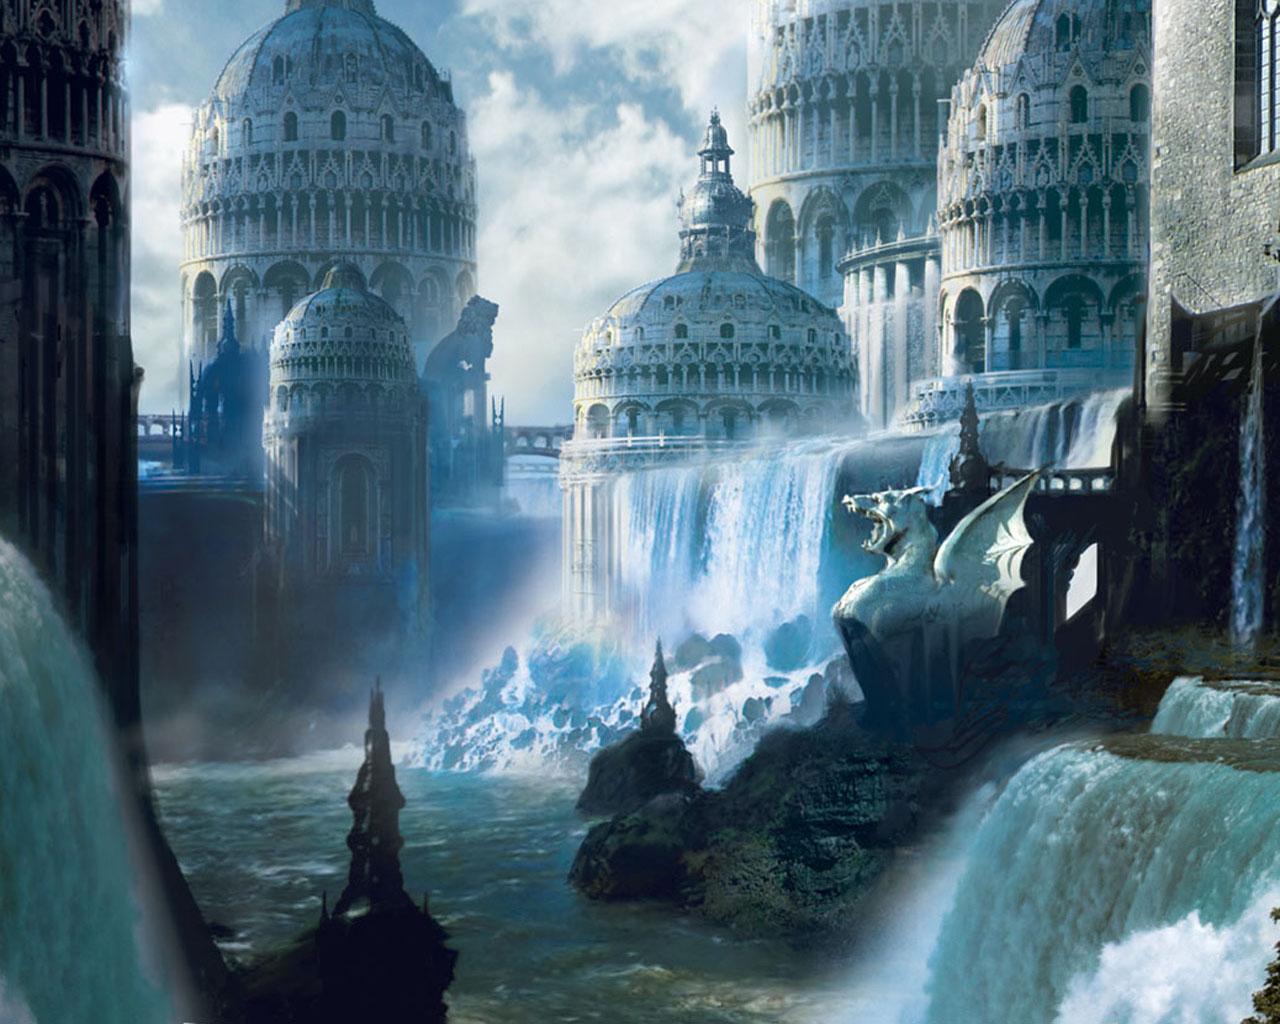 http://1.bp.blogspot.com/-NnmT8XHd-wk/TzCLZS4U2xI/AAAAAAAAATk/qg_QVq8OPIM/s1600/Fantasy-City_wallpaper.jpg